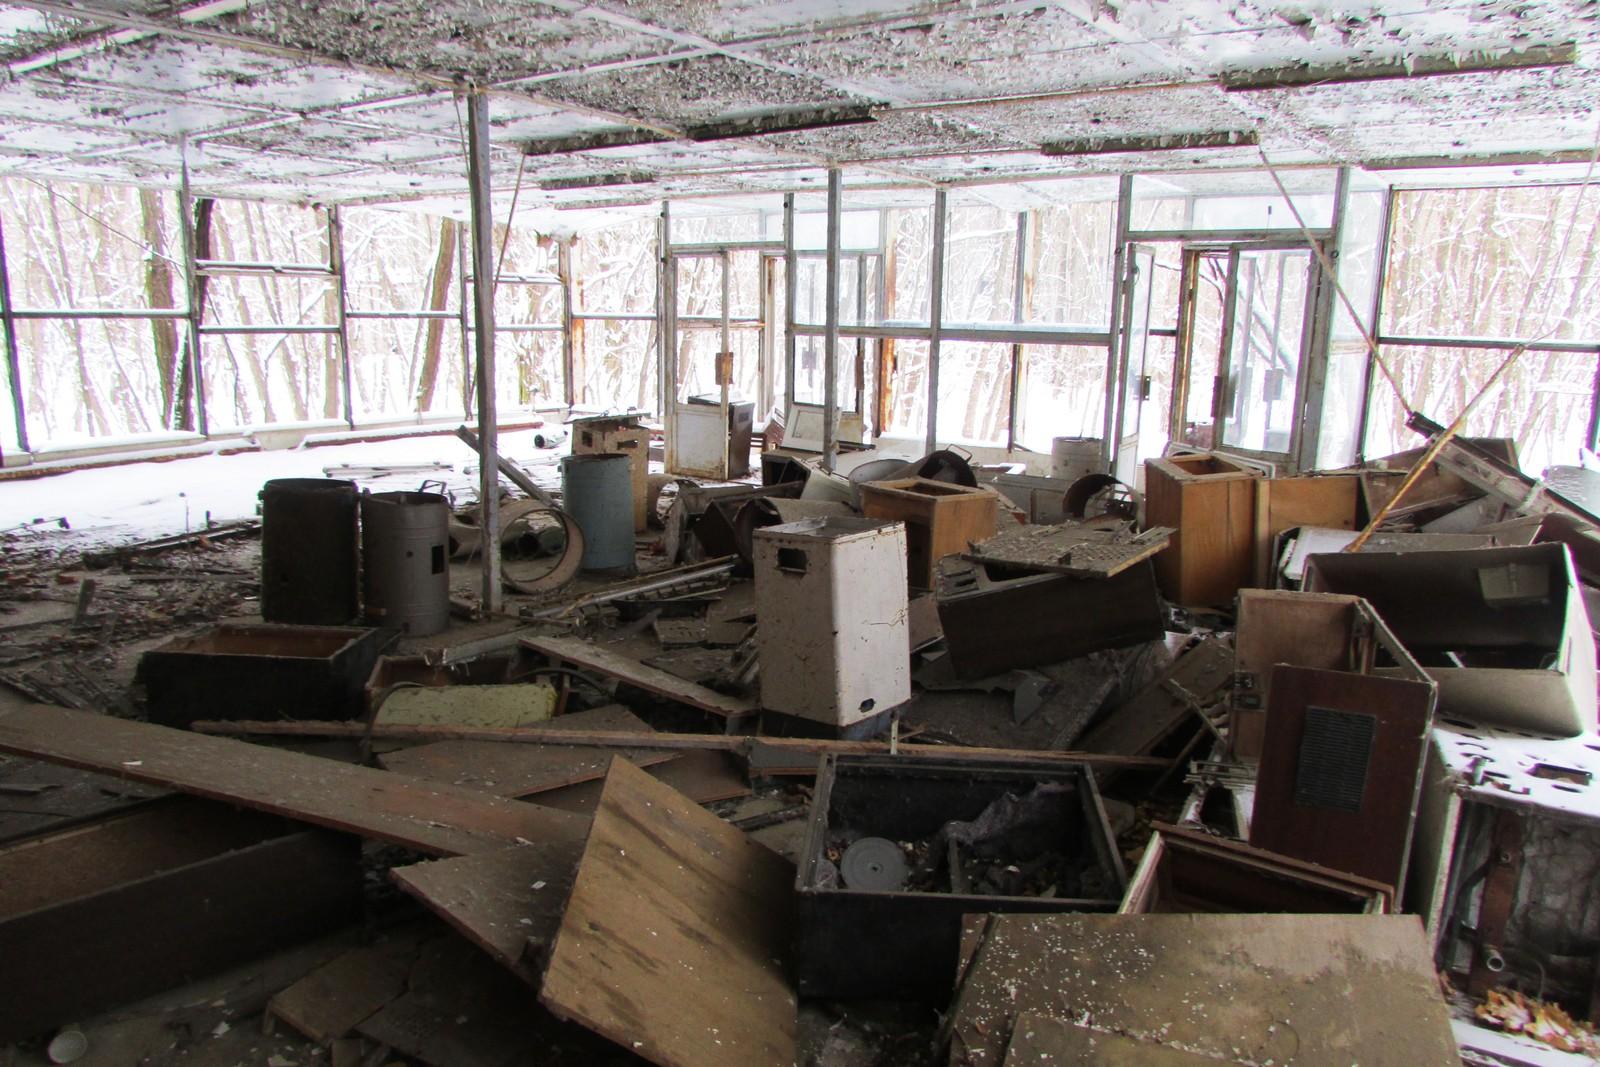 I hvitevarebutikken ligger fortsatt gamle vaskemaskiner og TV-er. Etter som årene er gått er alt blitt til skrap, men en gang var det de beste maskinene Sovjetunionen kunne by sine arbeidere.